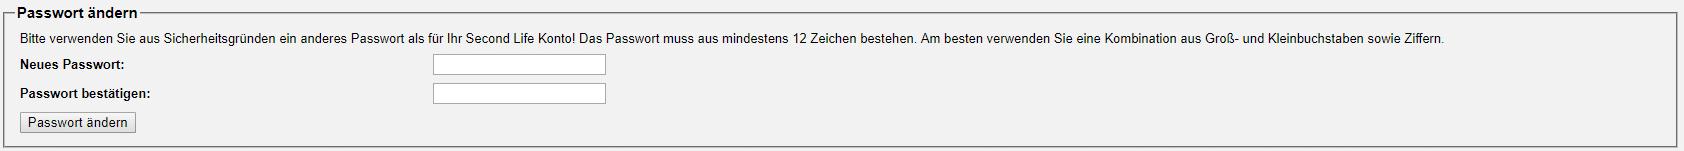 Passwort ändern VirWoX